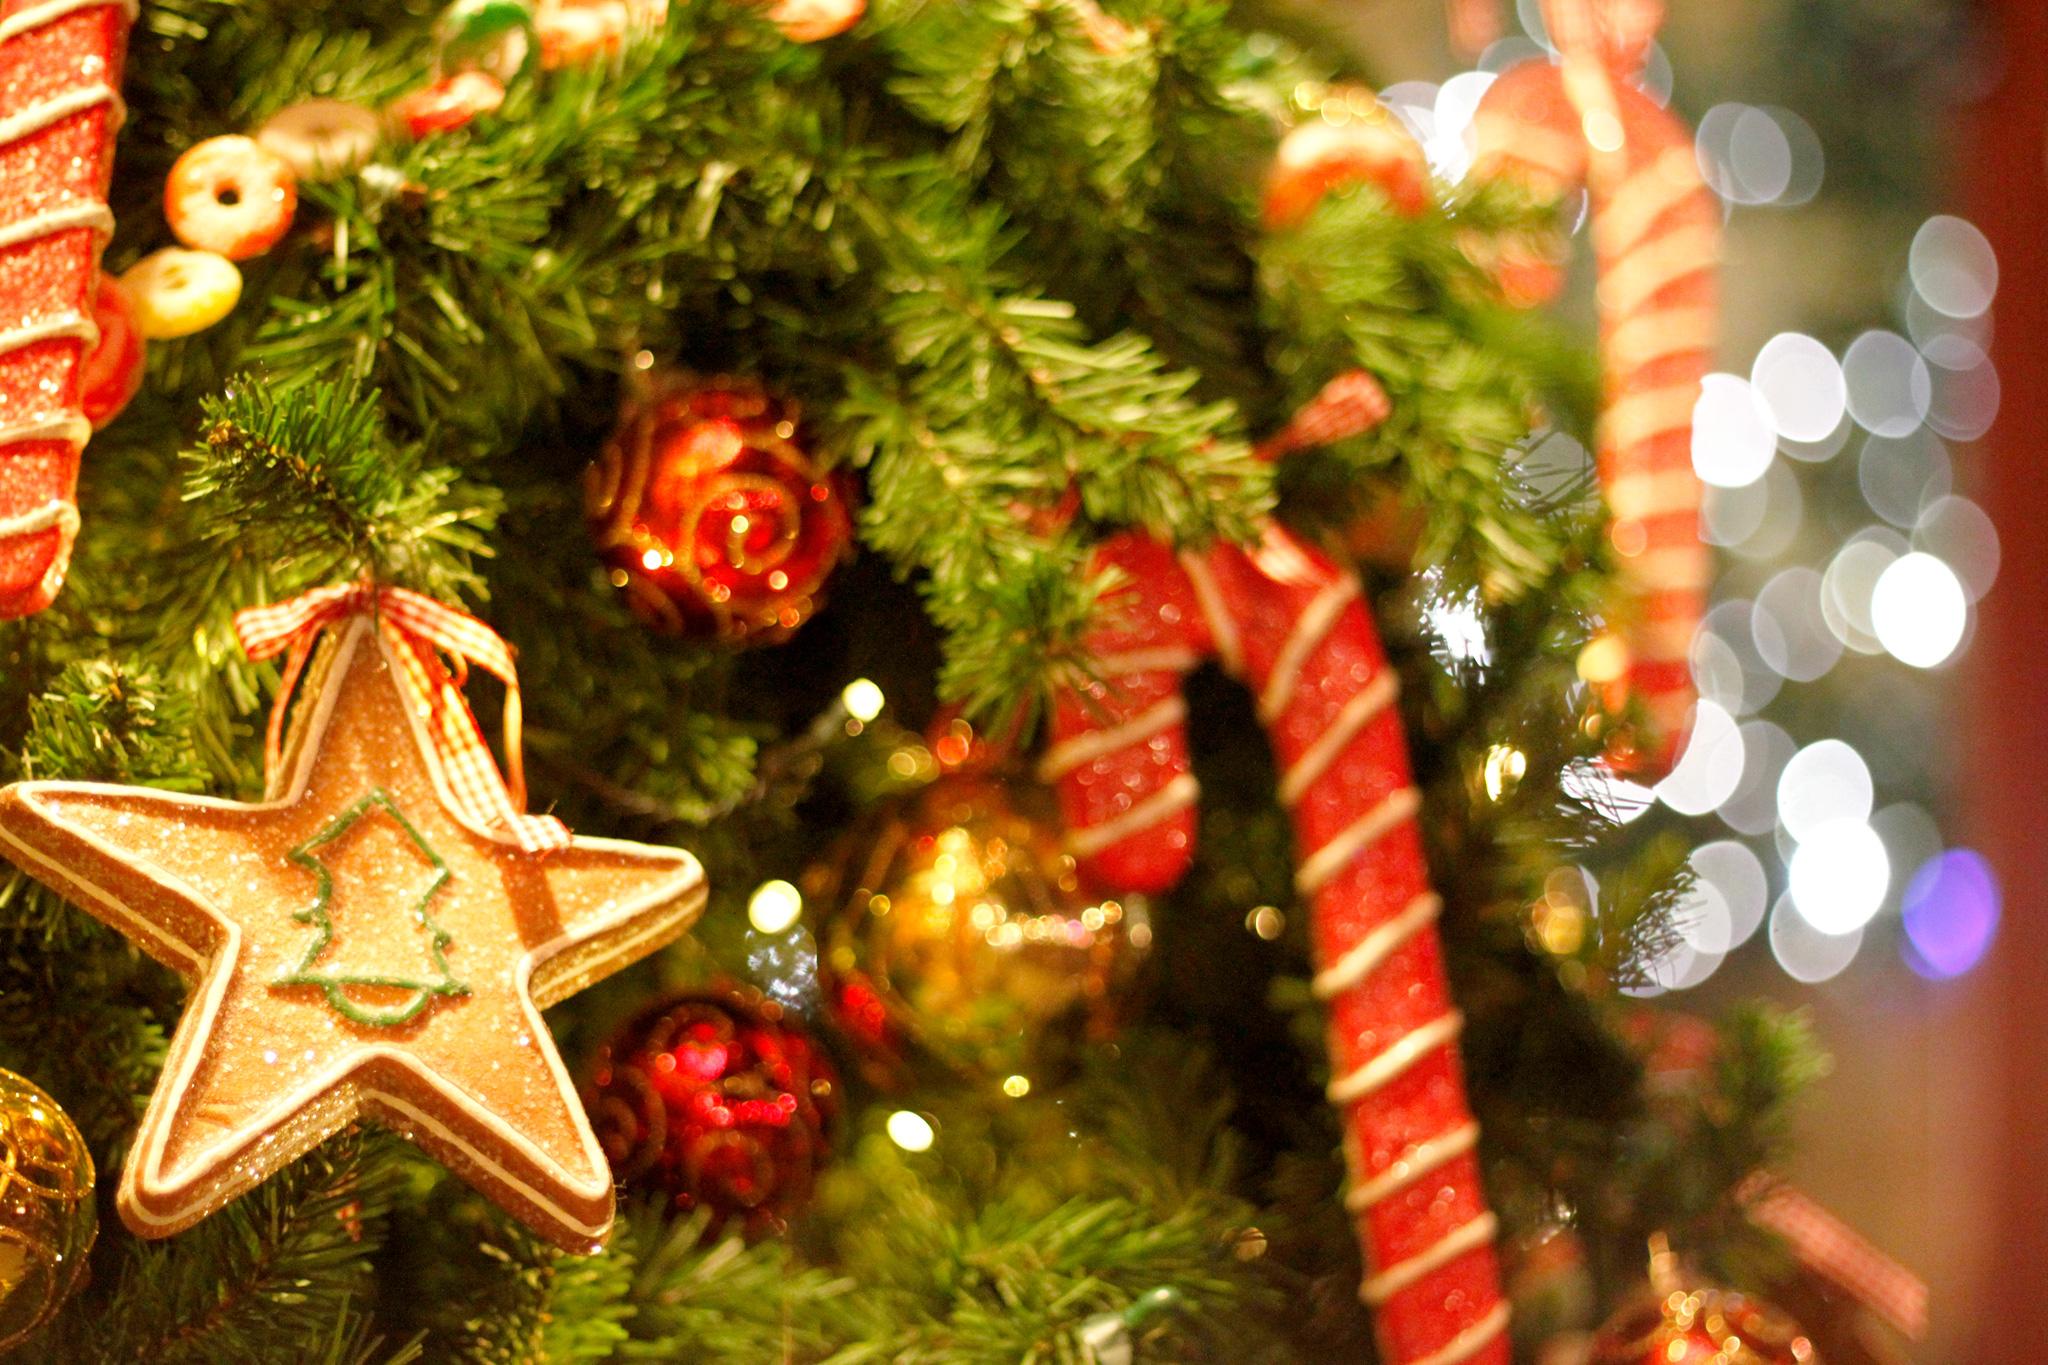 【おたすけ便での輸入事例】上海→大阪へクリスマス用品の輸入